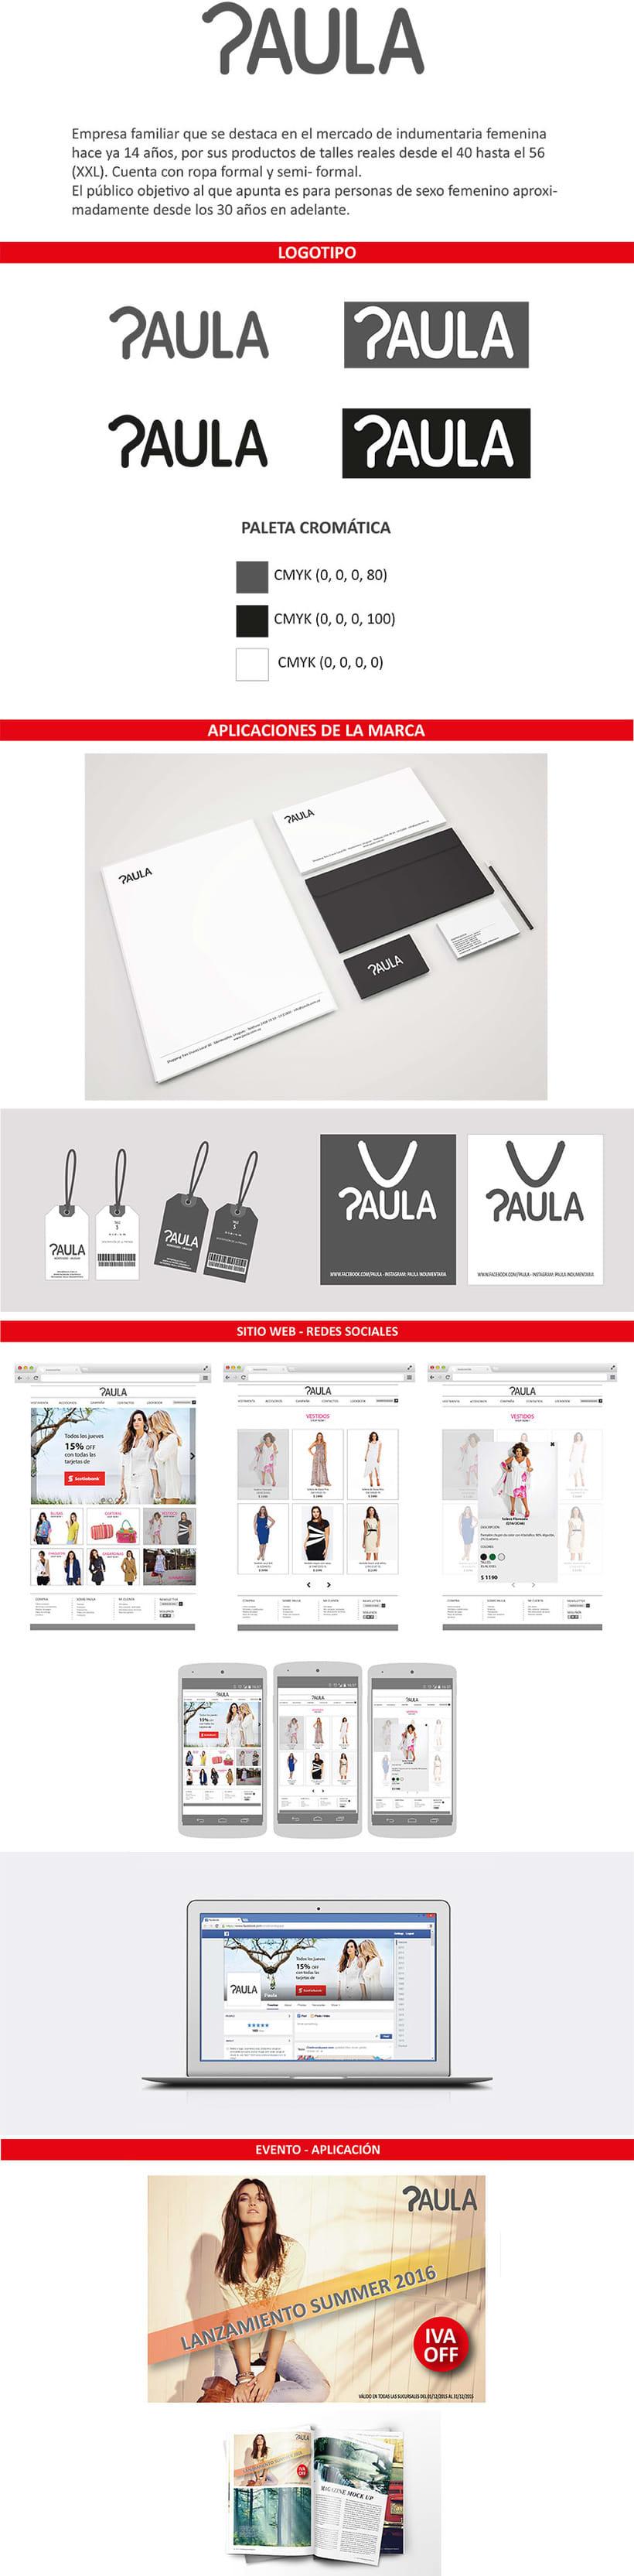 Paula indumentaria femenina 0